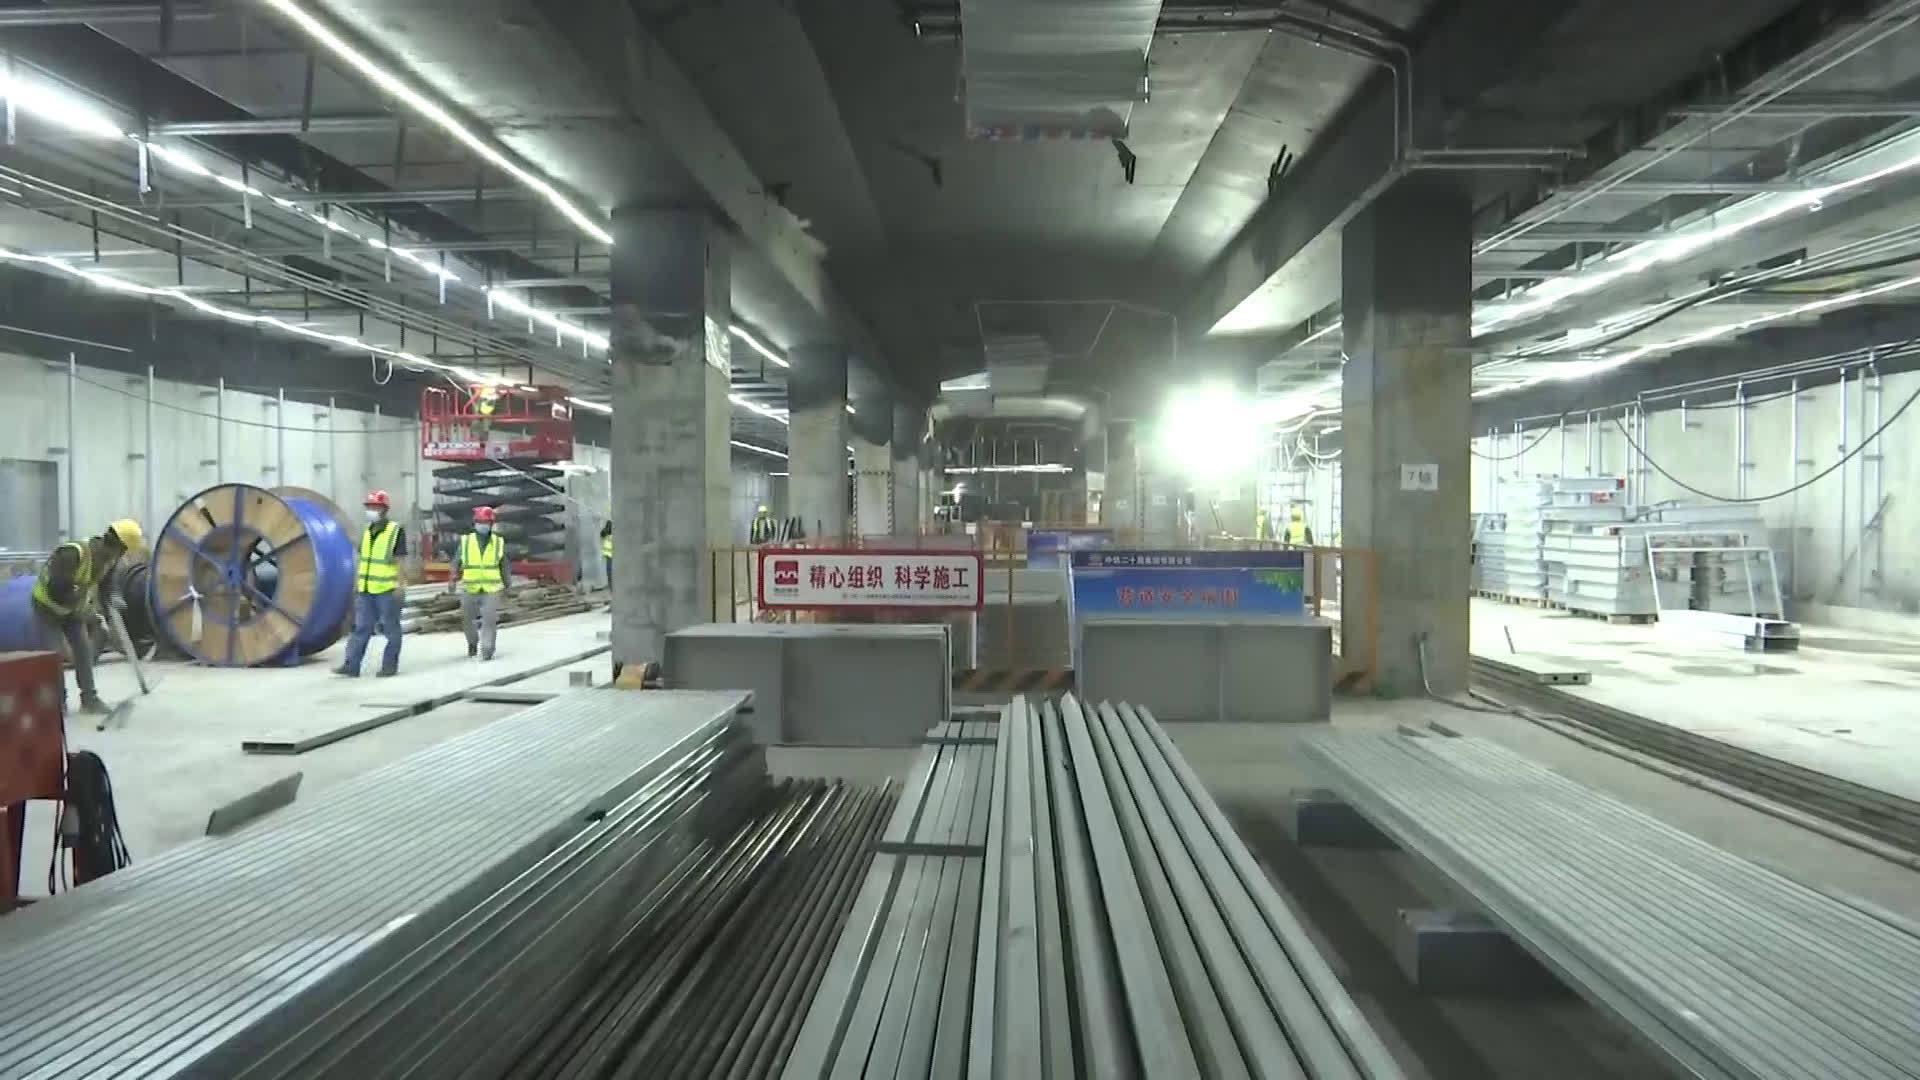 国庆中秋假期:地铁建设者坚守一线 全力确保按时完工